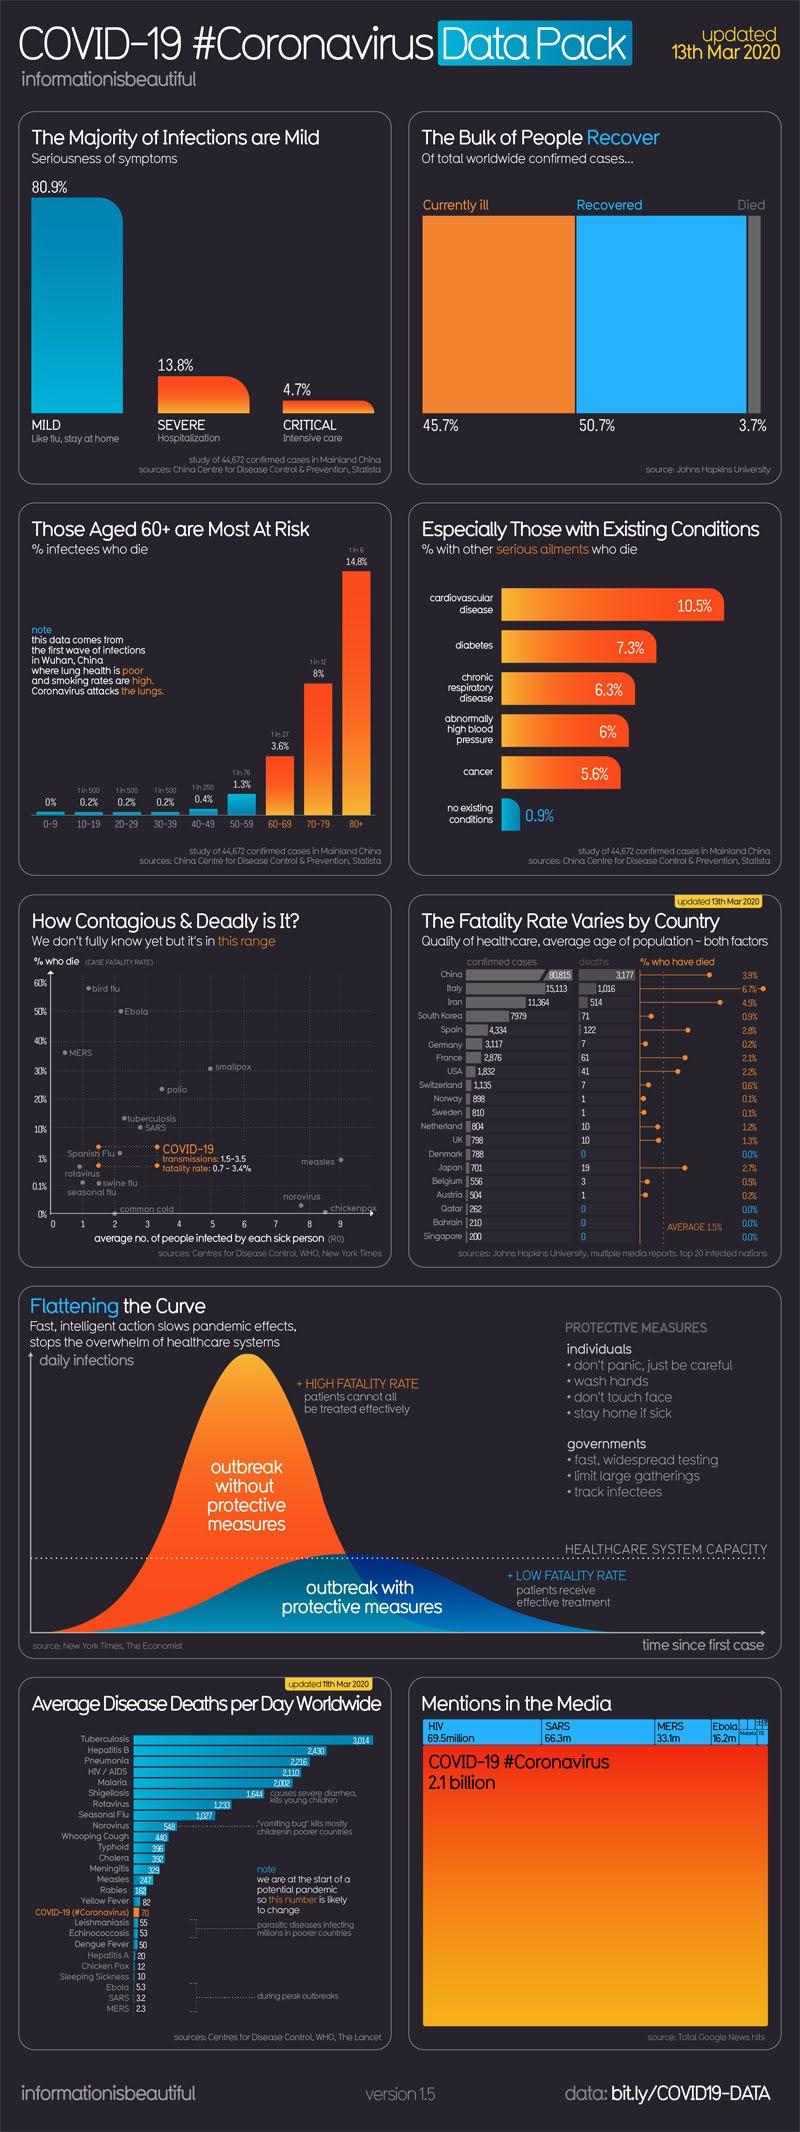 COVID-19 #Coronavirus Data Pack #infographic